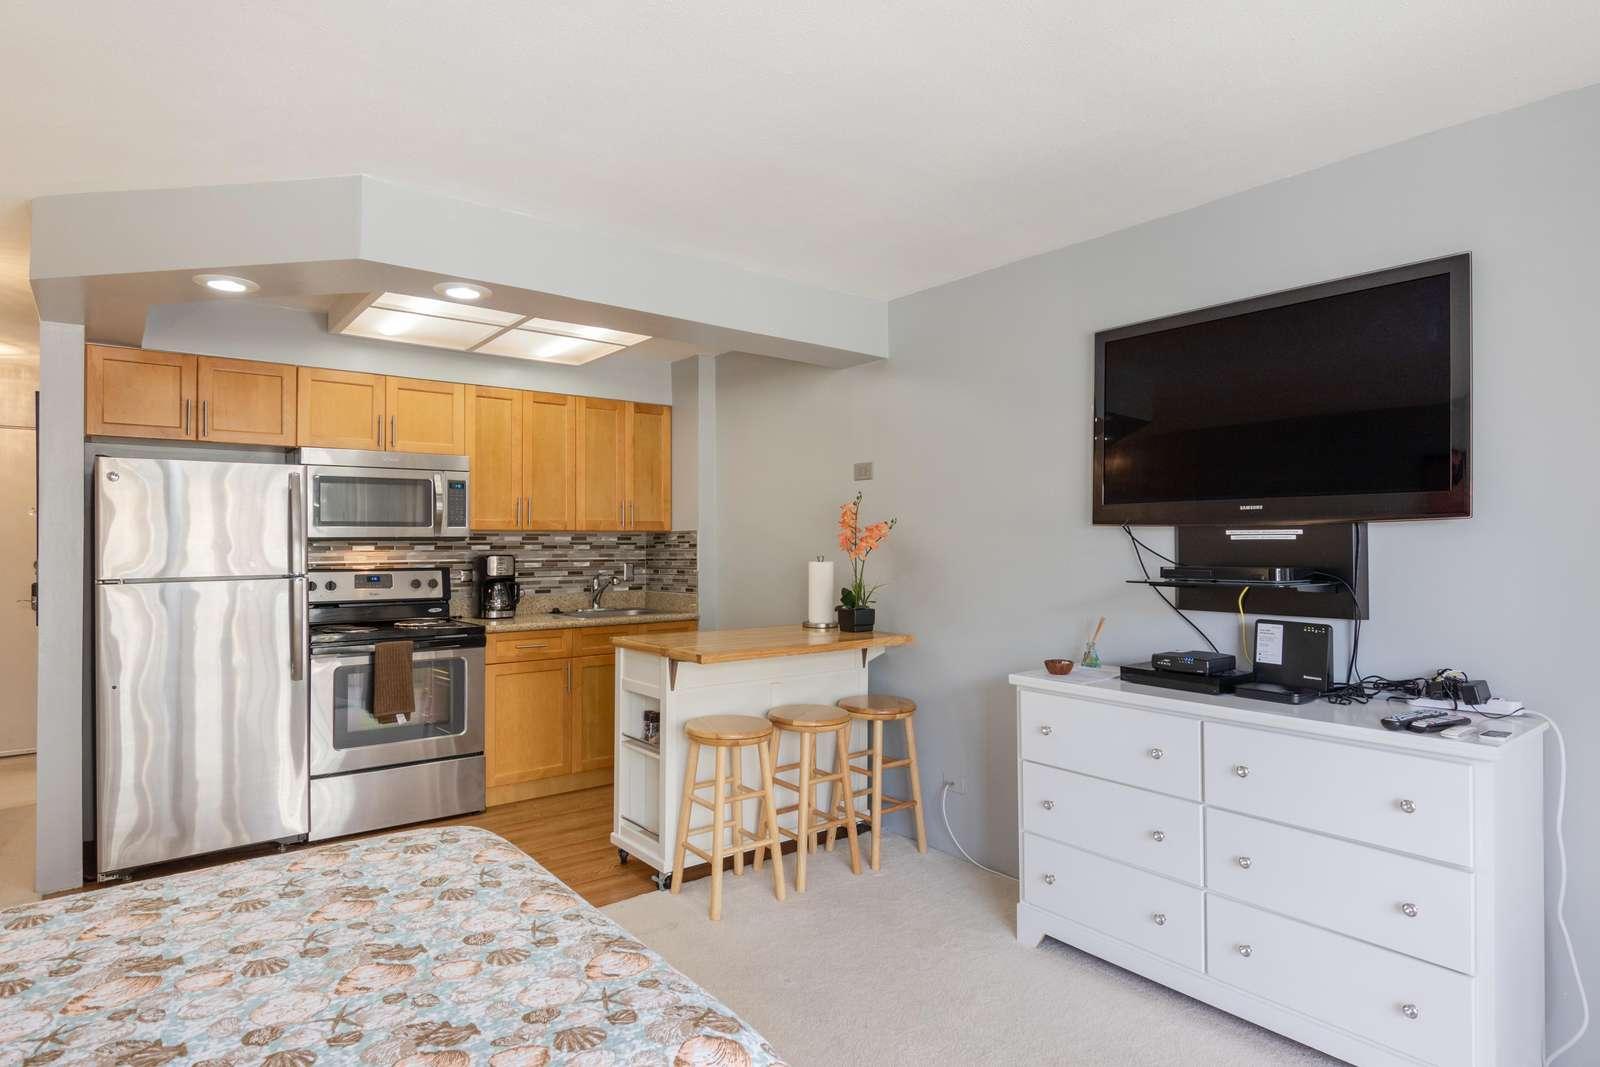 View of Kitchen & TV/DVD Player/Dresser